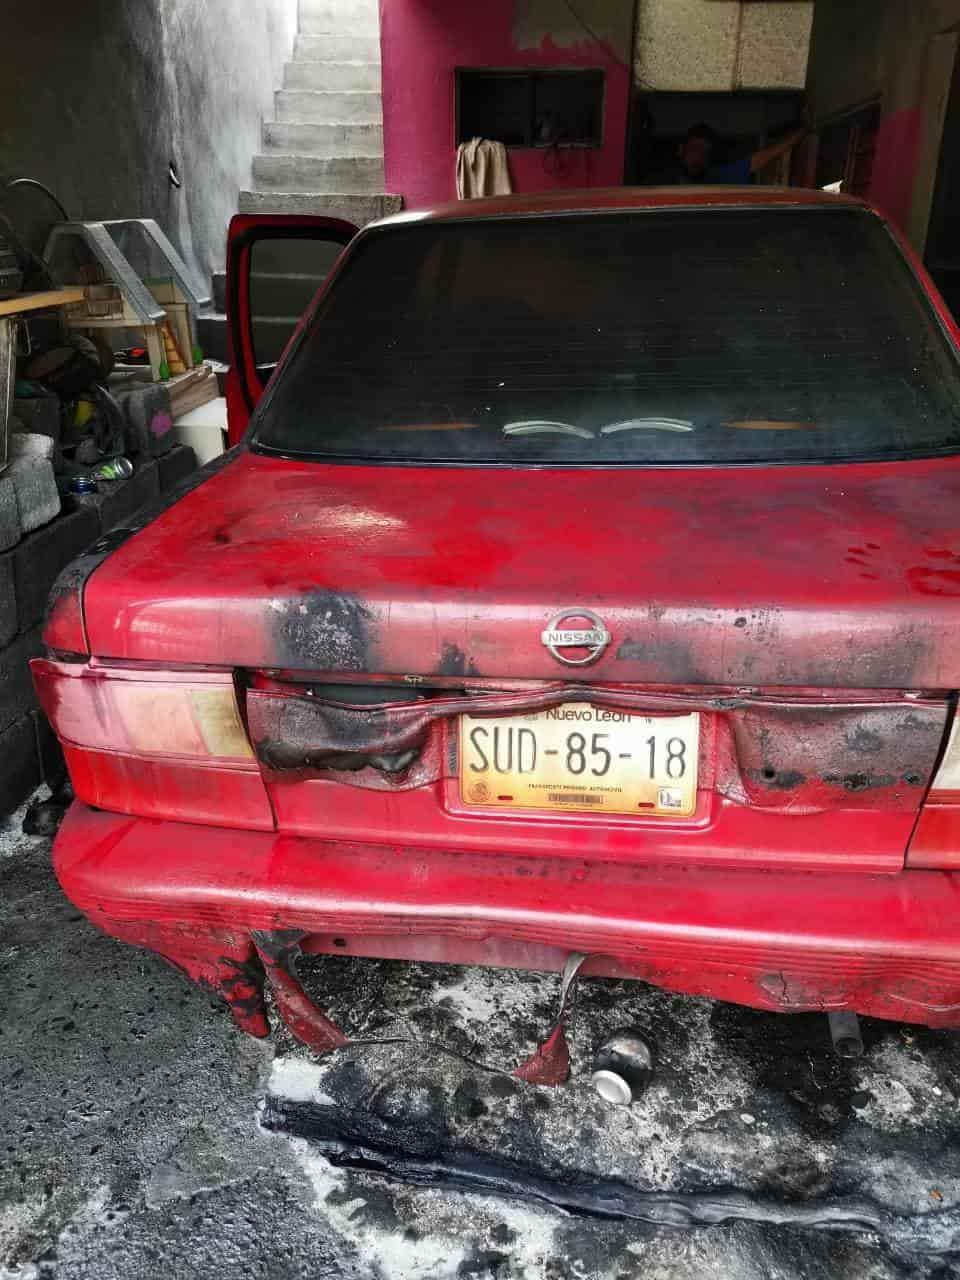 Varios desconocidos intentaron incendiar un vehículo con una bomba  molotov.